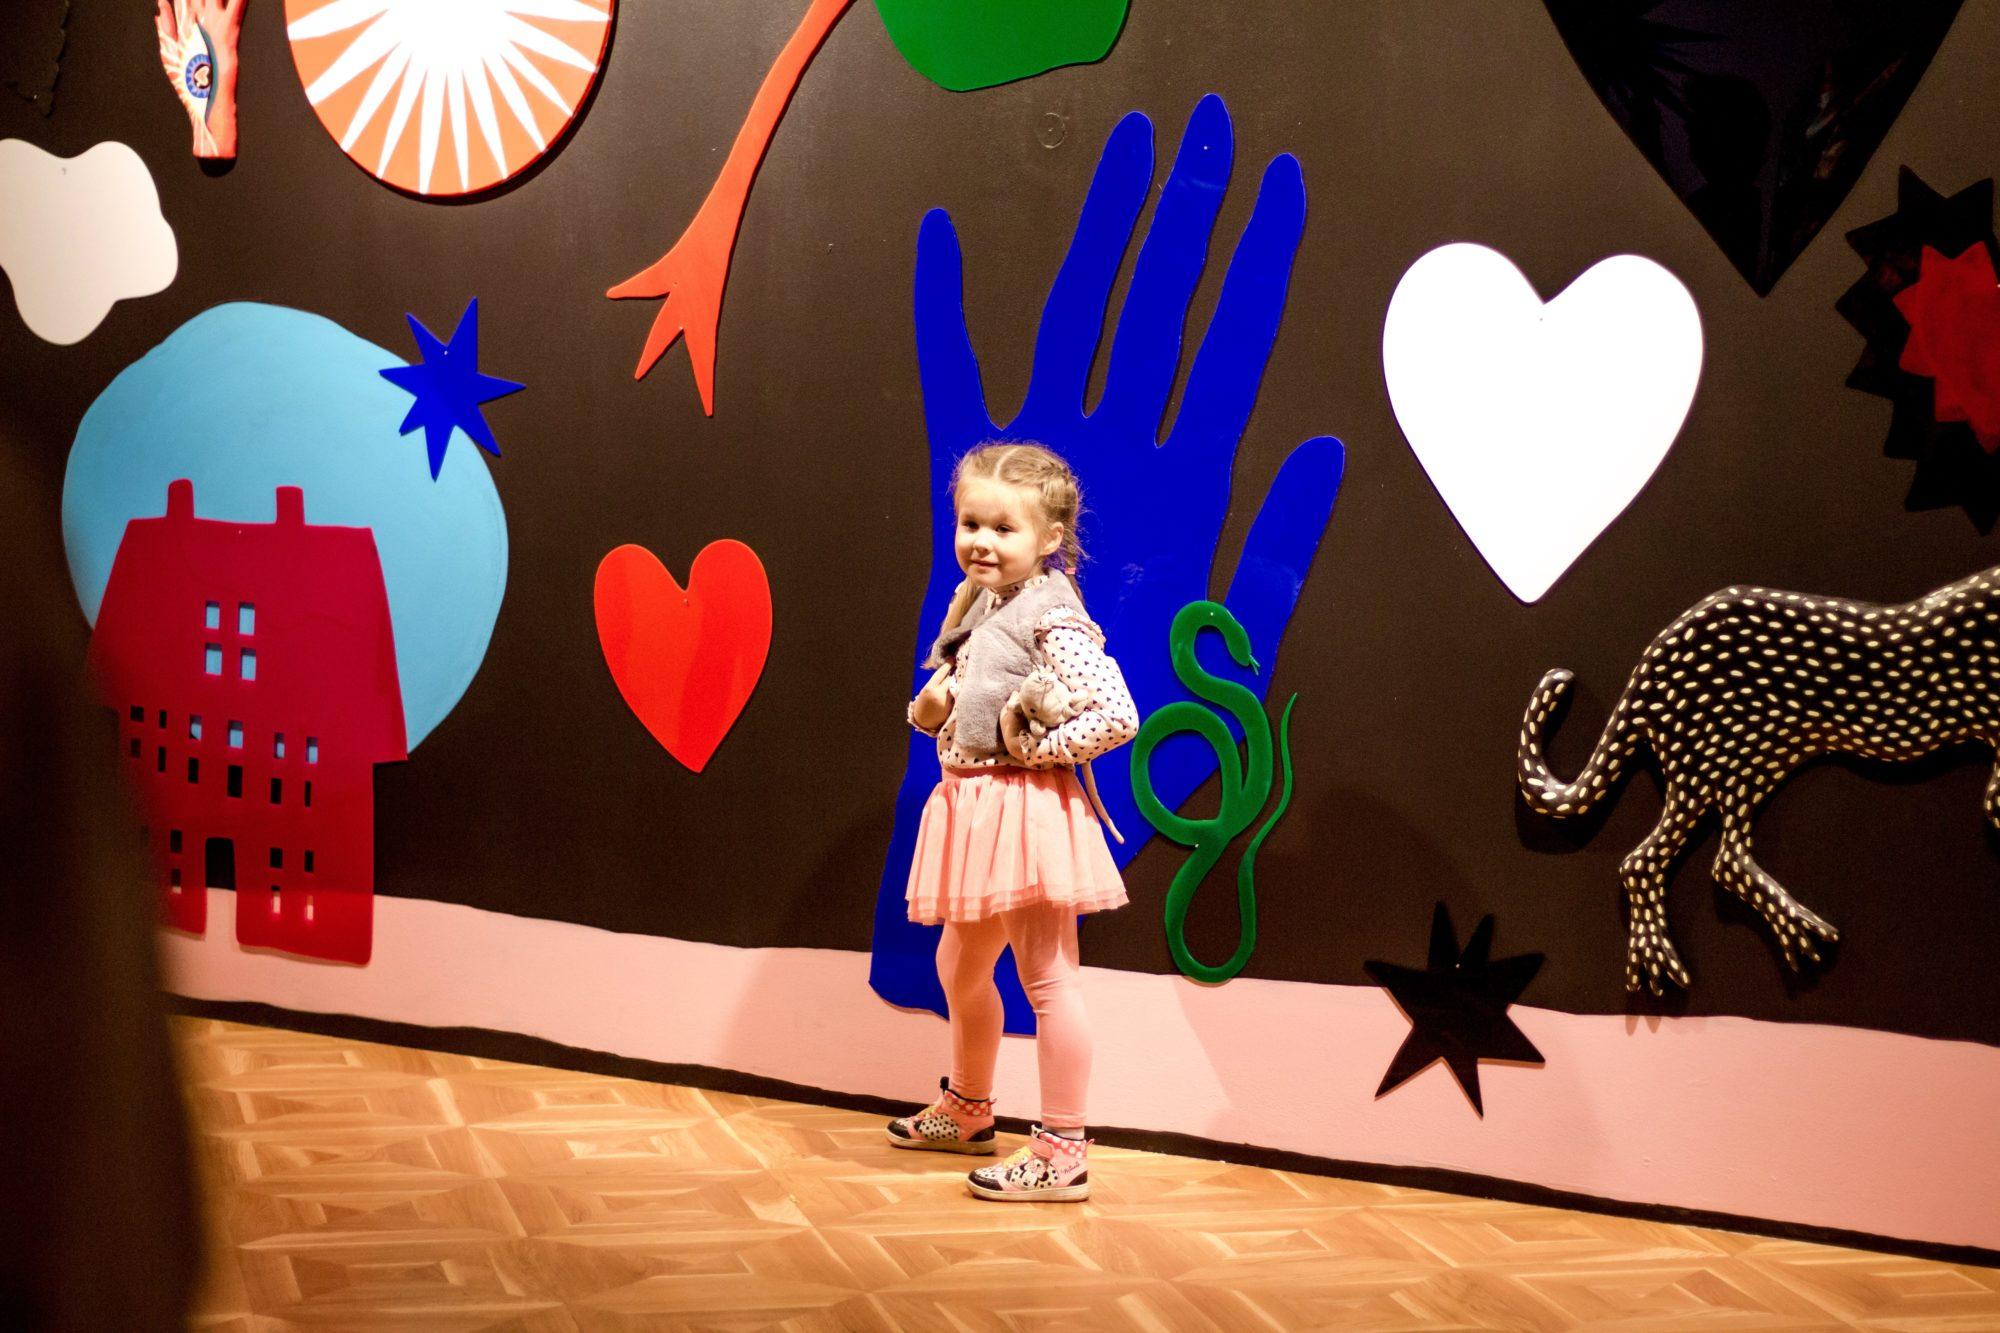 Elita Patmalniece Liepājas muzejā vadīs radošo darbnīcu bērniem